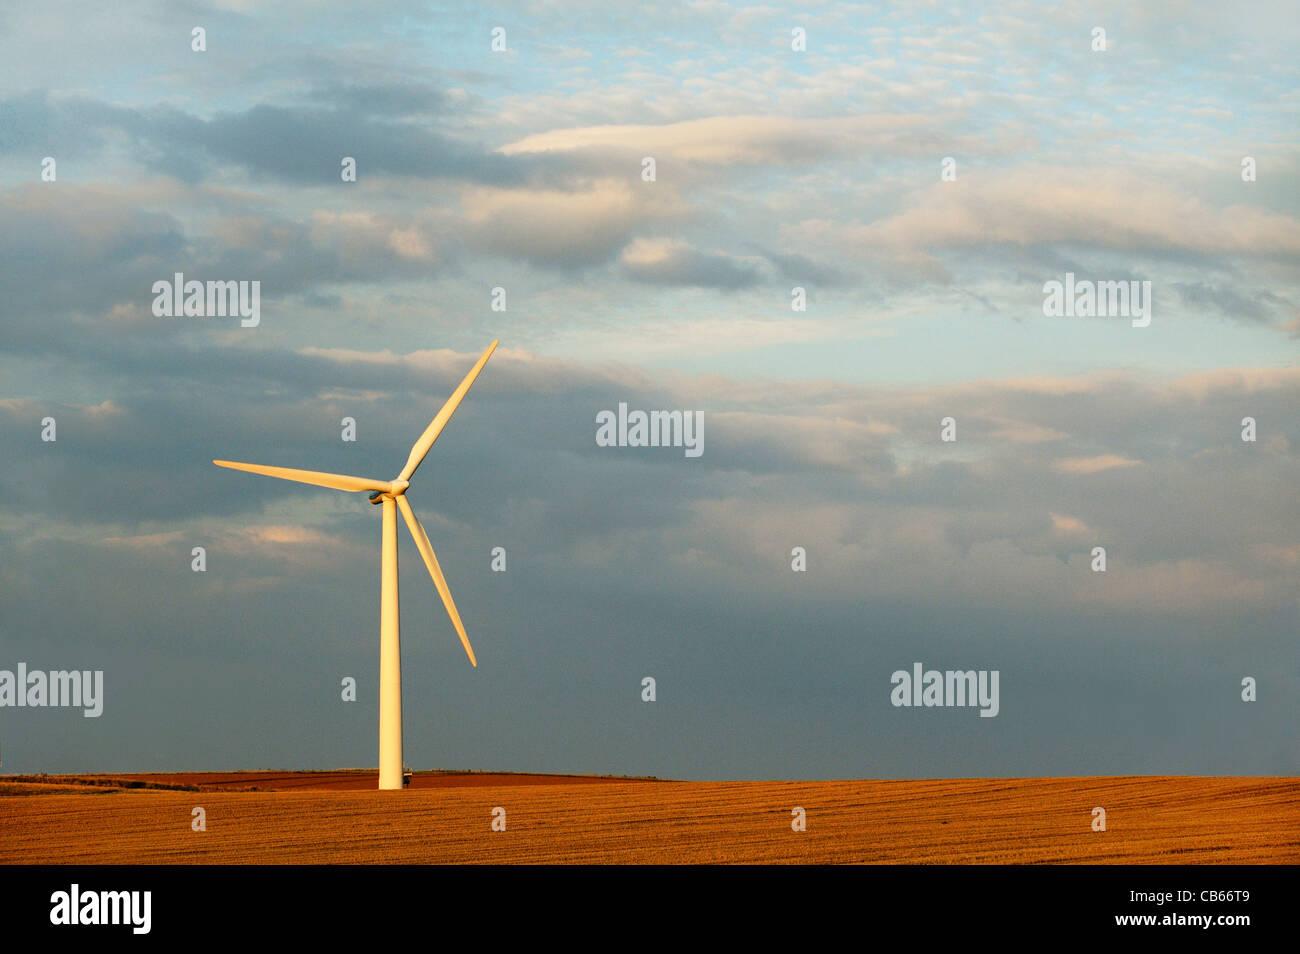 Bauernhof Windturbine auf reiche Ernte Boden Ackerland bei Easington, Holderness, East Yorkshire, an der Ostküste Stockbild